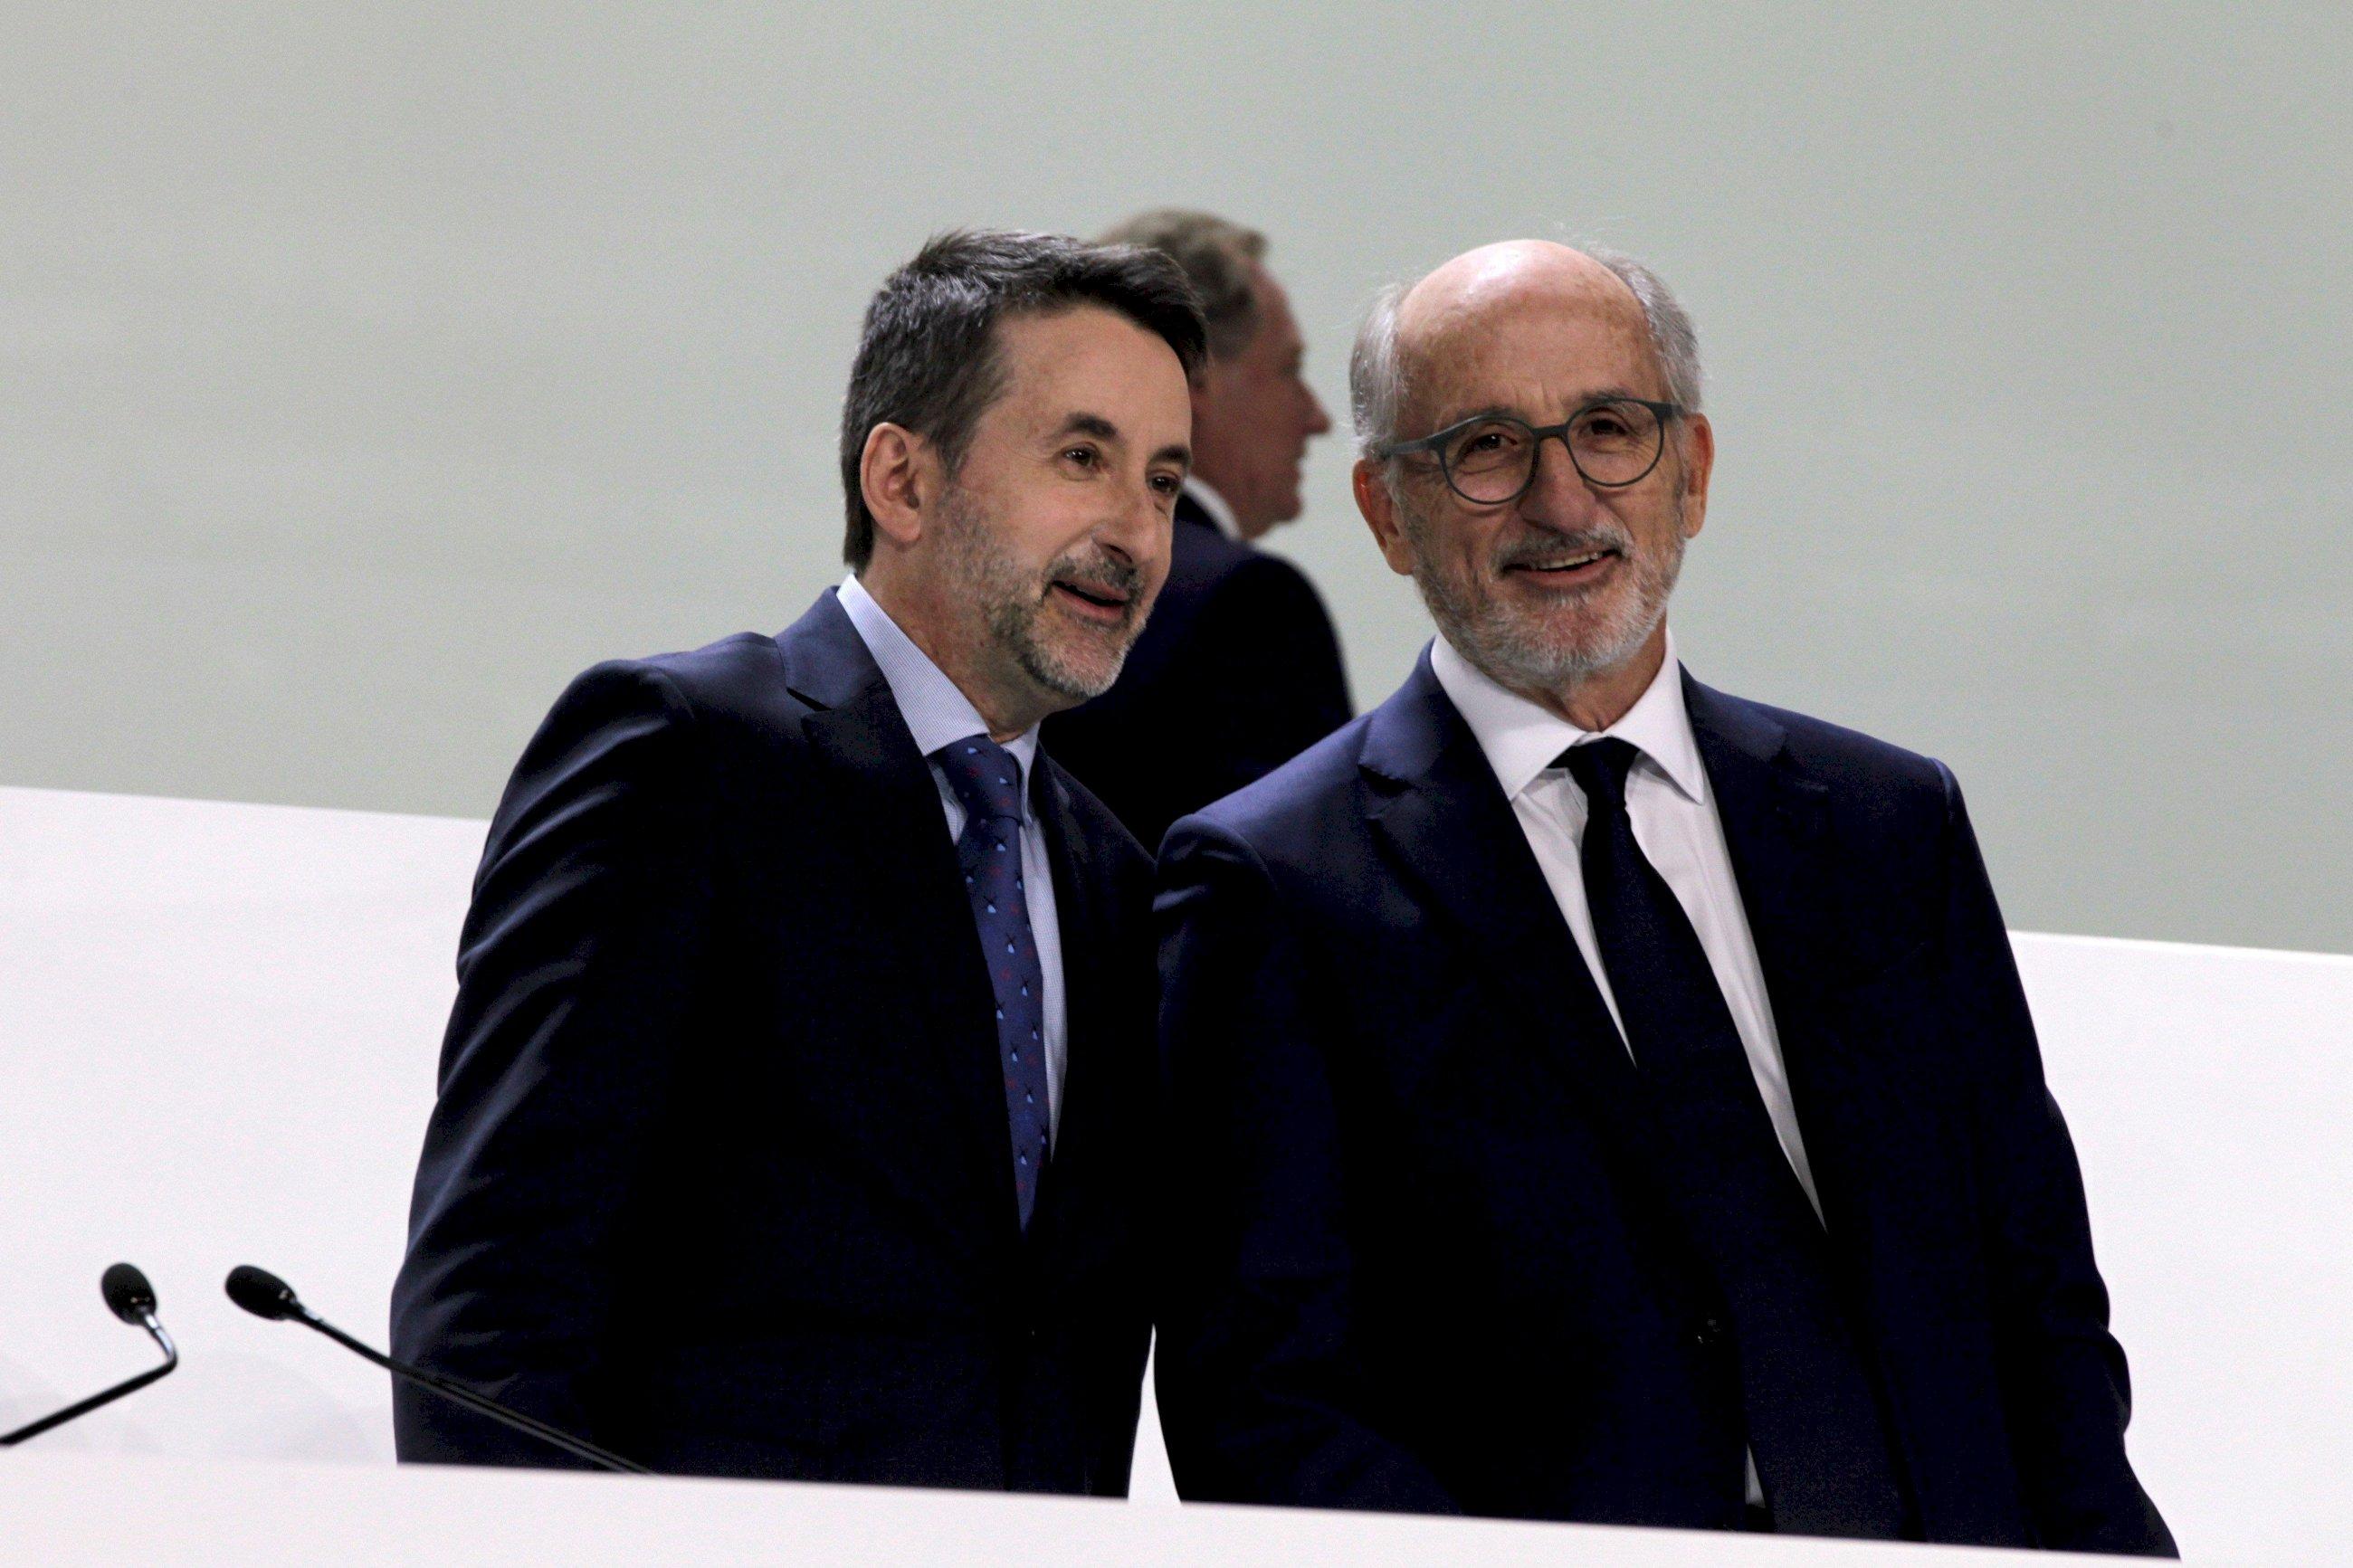 Josu Jon Imaz y Antoni Brufau, consejero delegado y presidente de Repsol. EFE